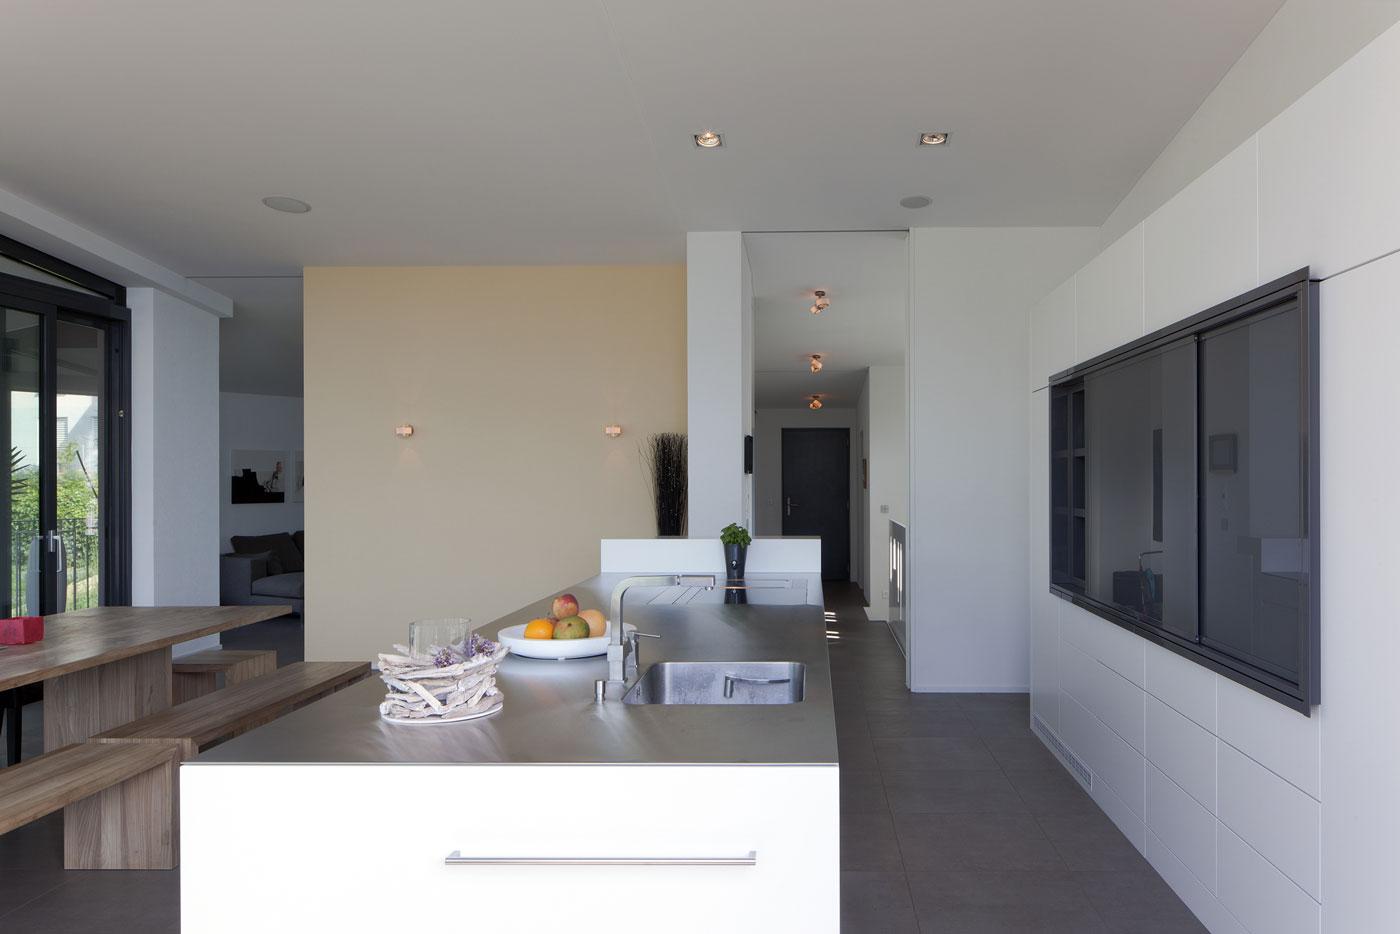 6405-Immensee-Neubau,-Einfamilienhaus-2039-Bild-3